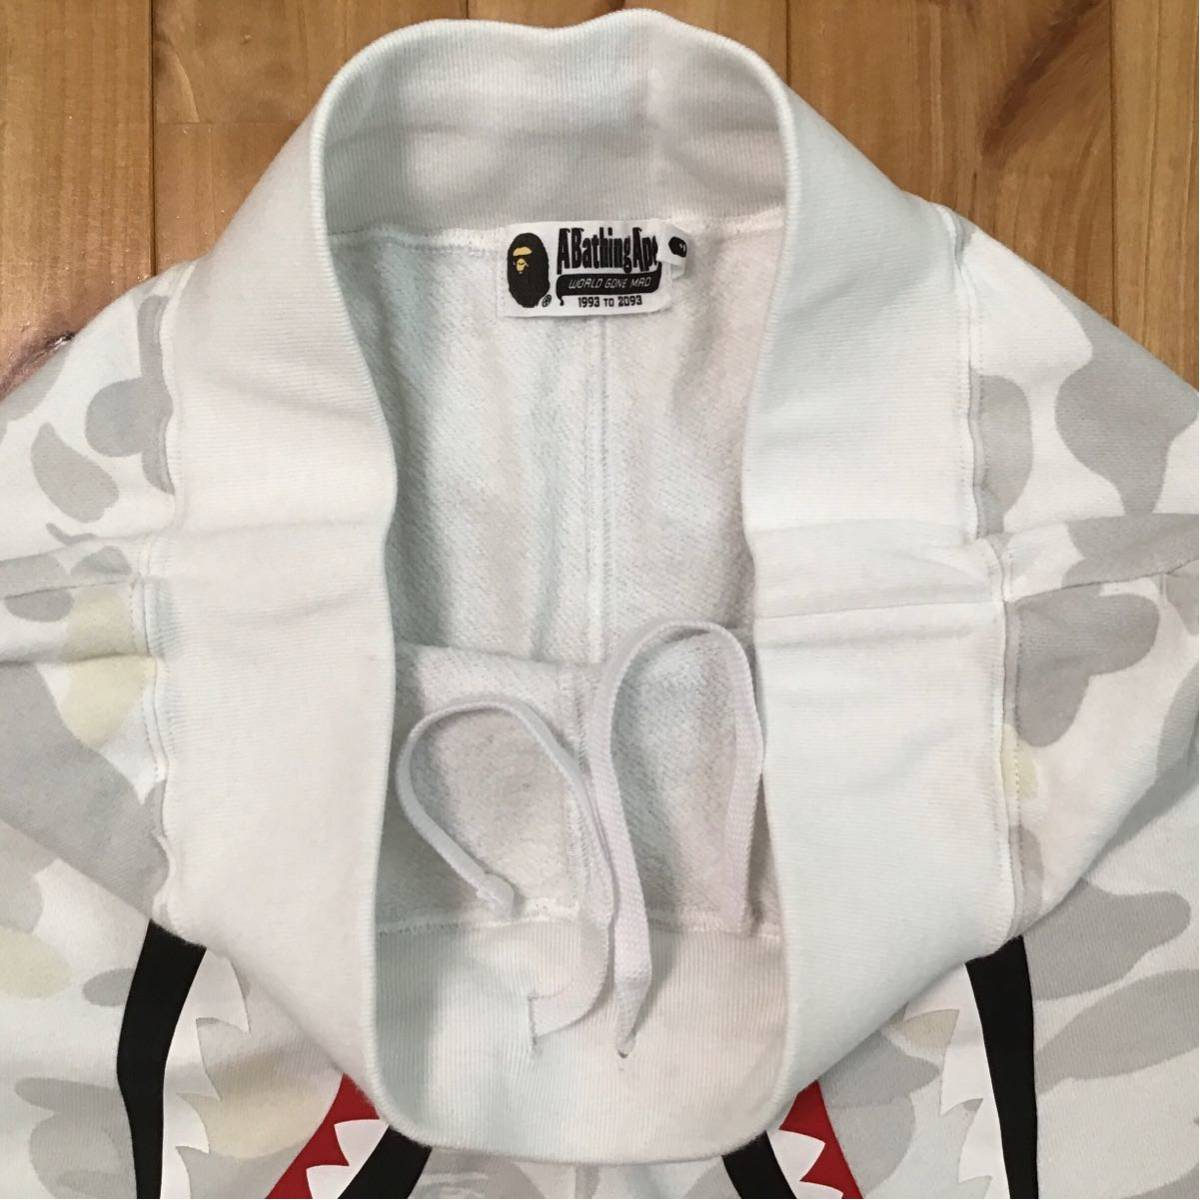 ★蓄光★ city camo シャーク スウェットパンツ Mサイズ a bathing ape shark sweat pants BAPE エイプ ベイプ アベイシングエイプ 62j